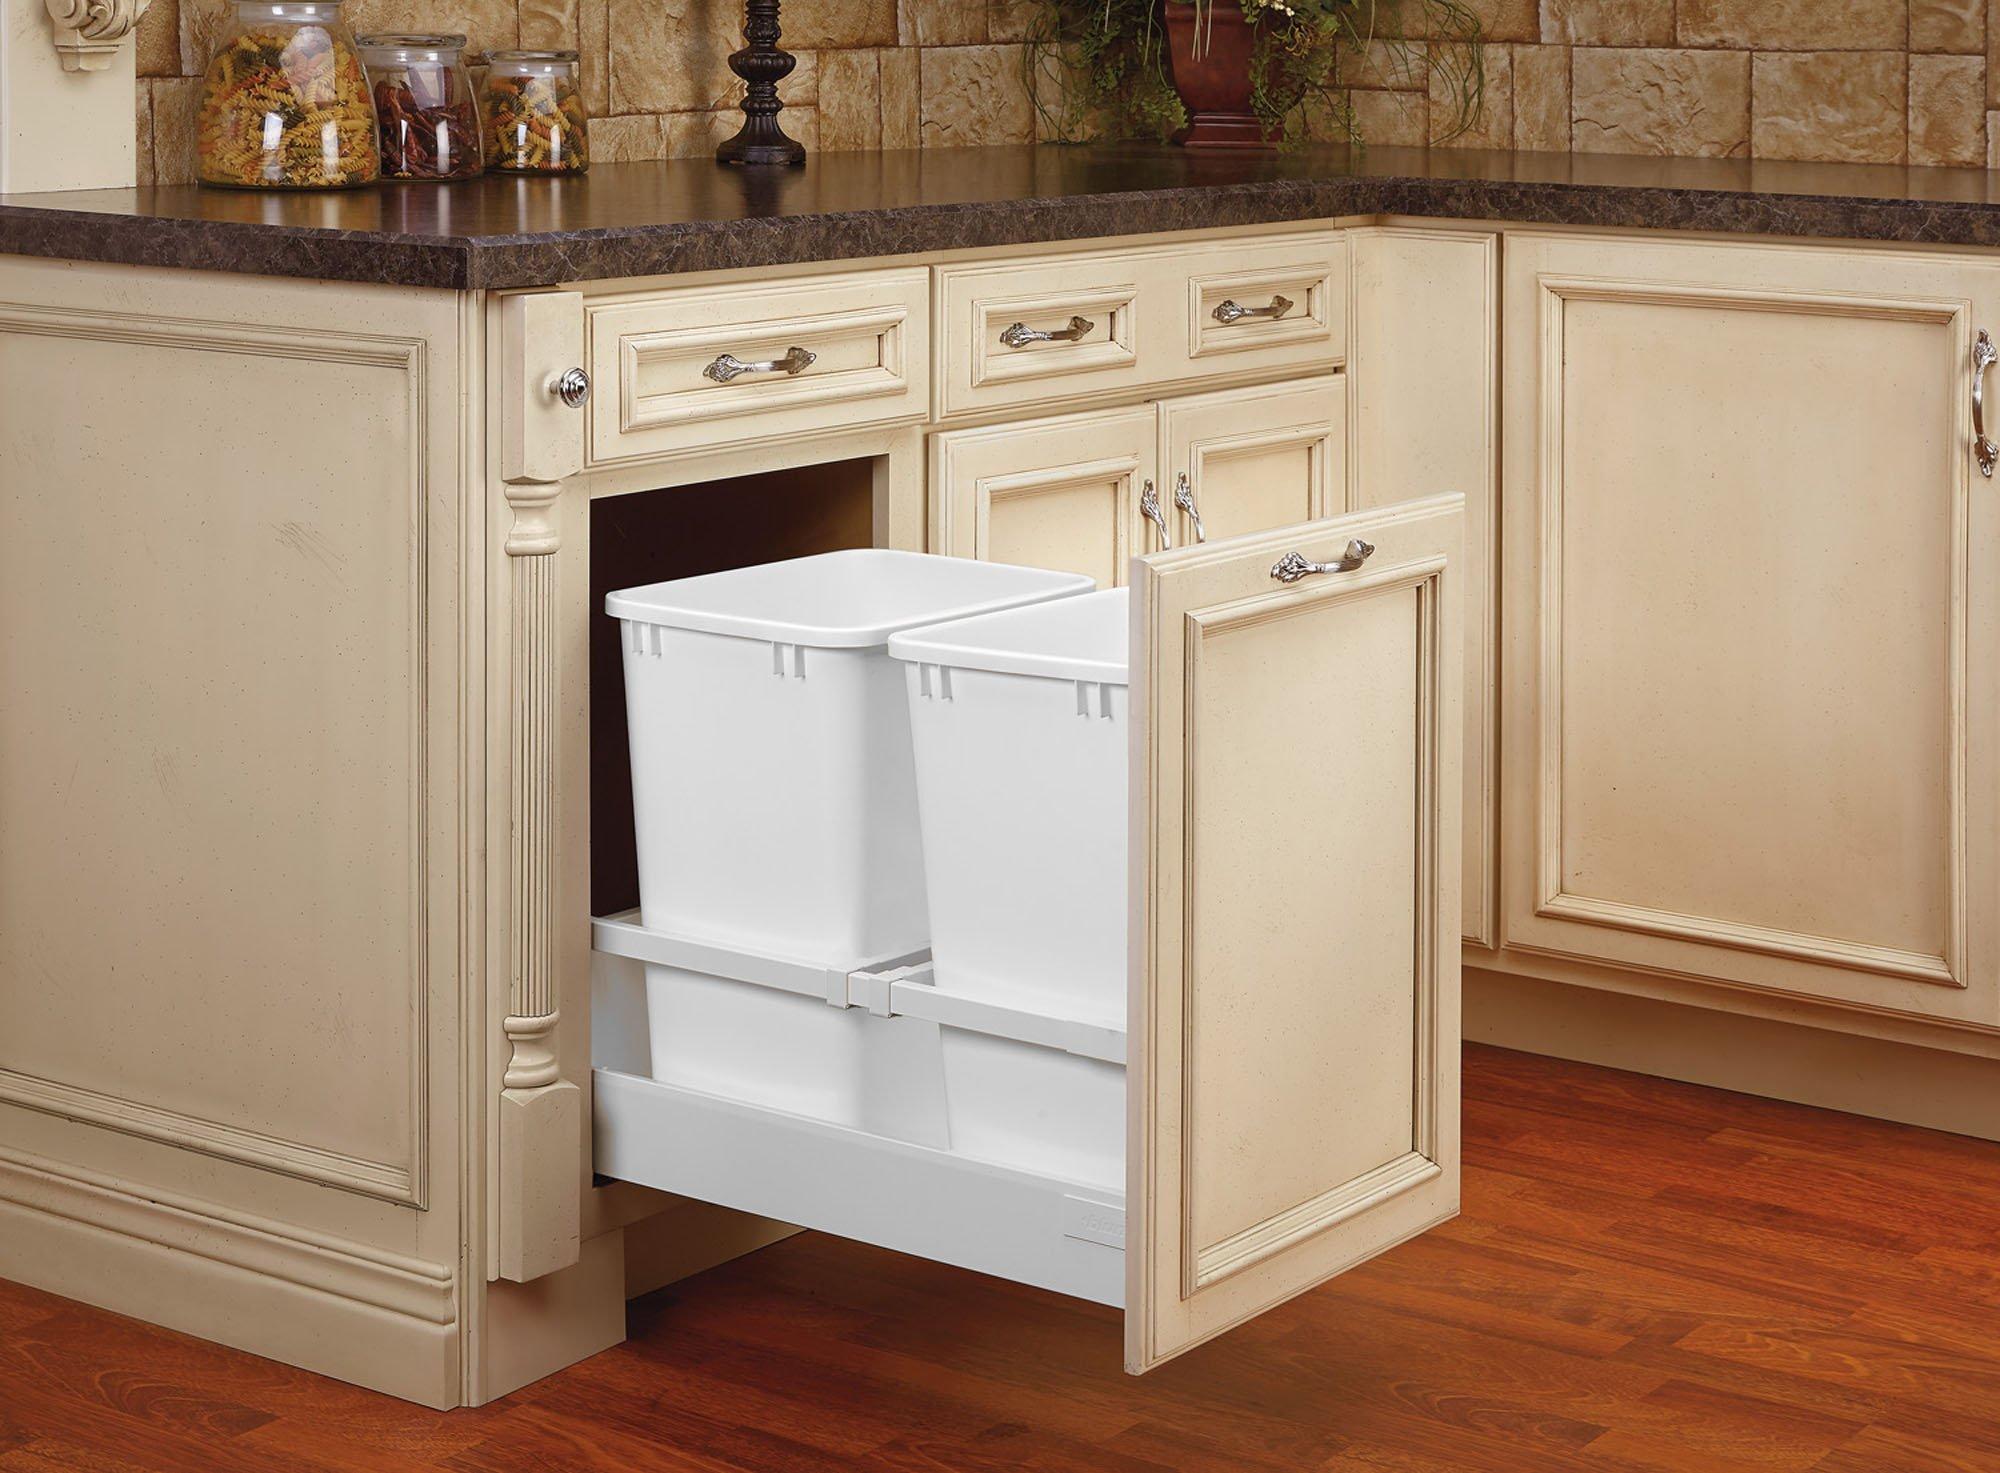 напольные шкафчики для кухни